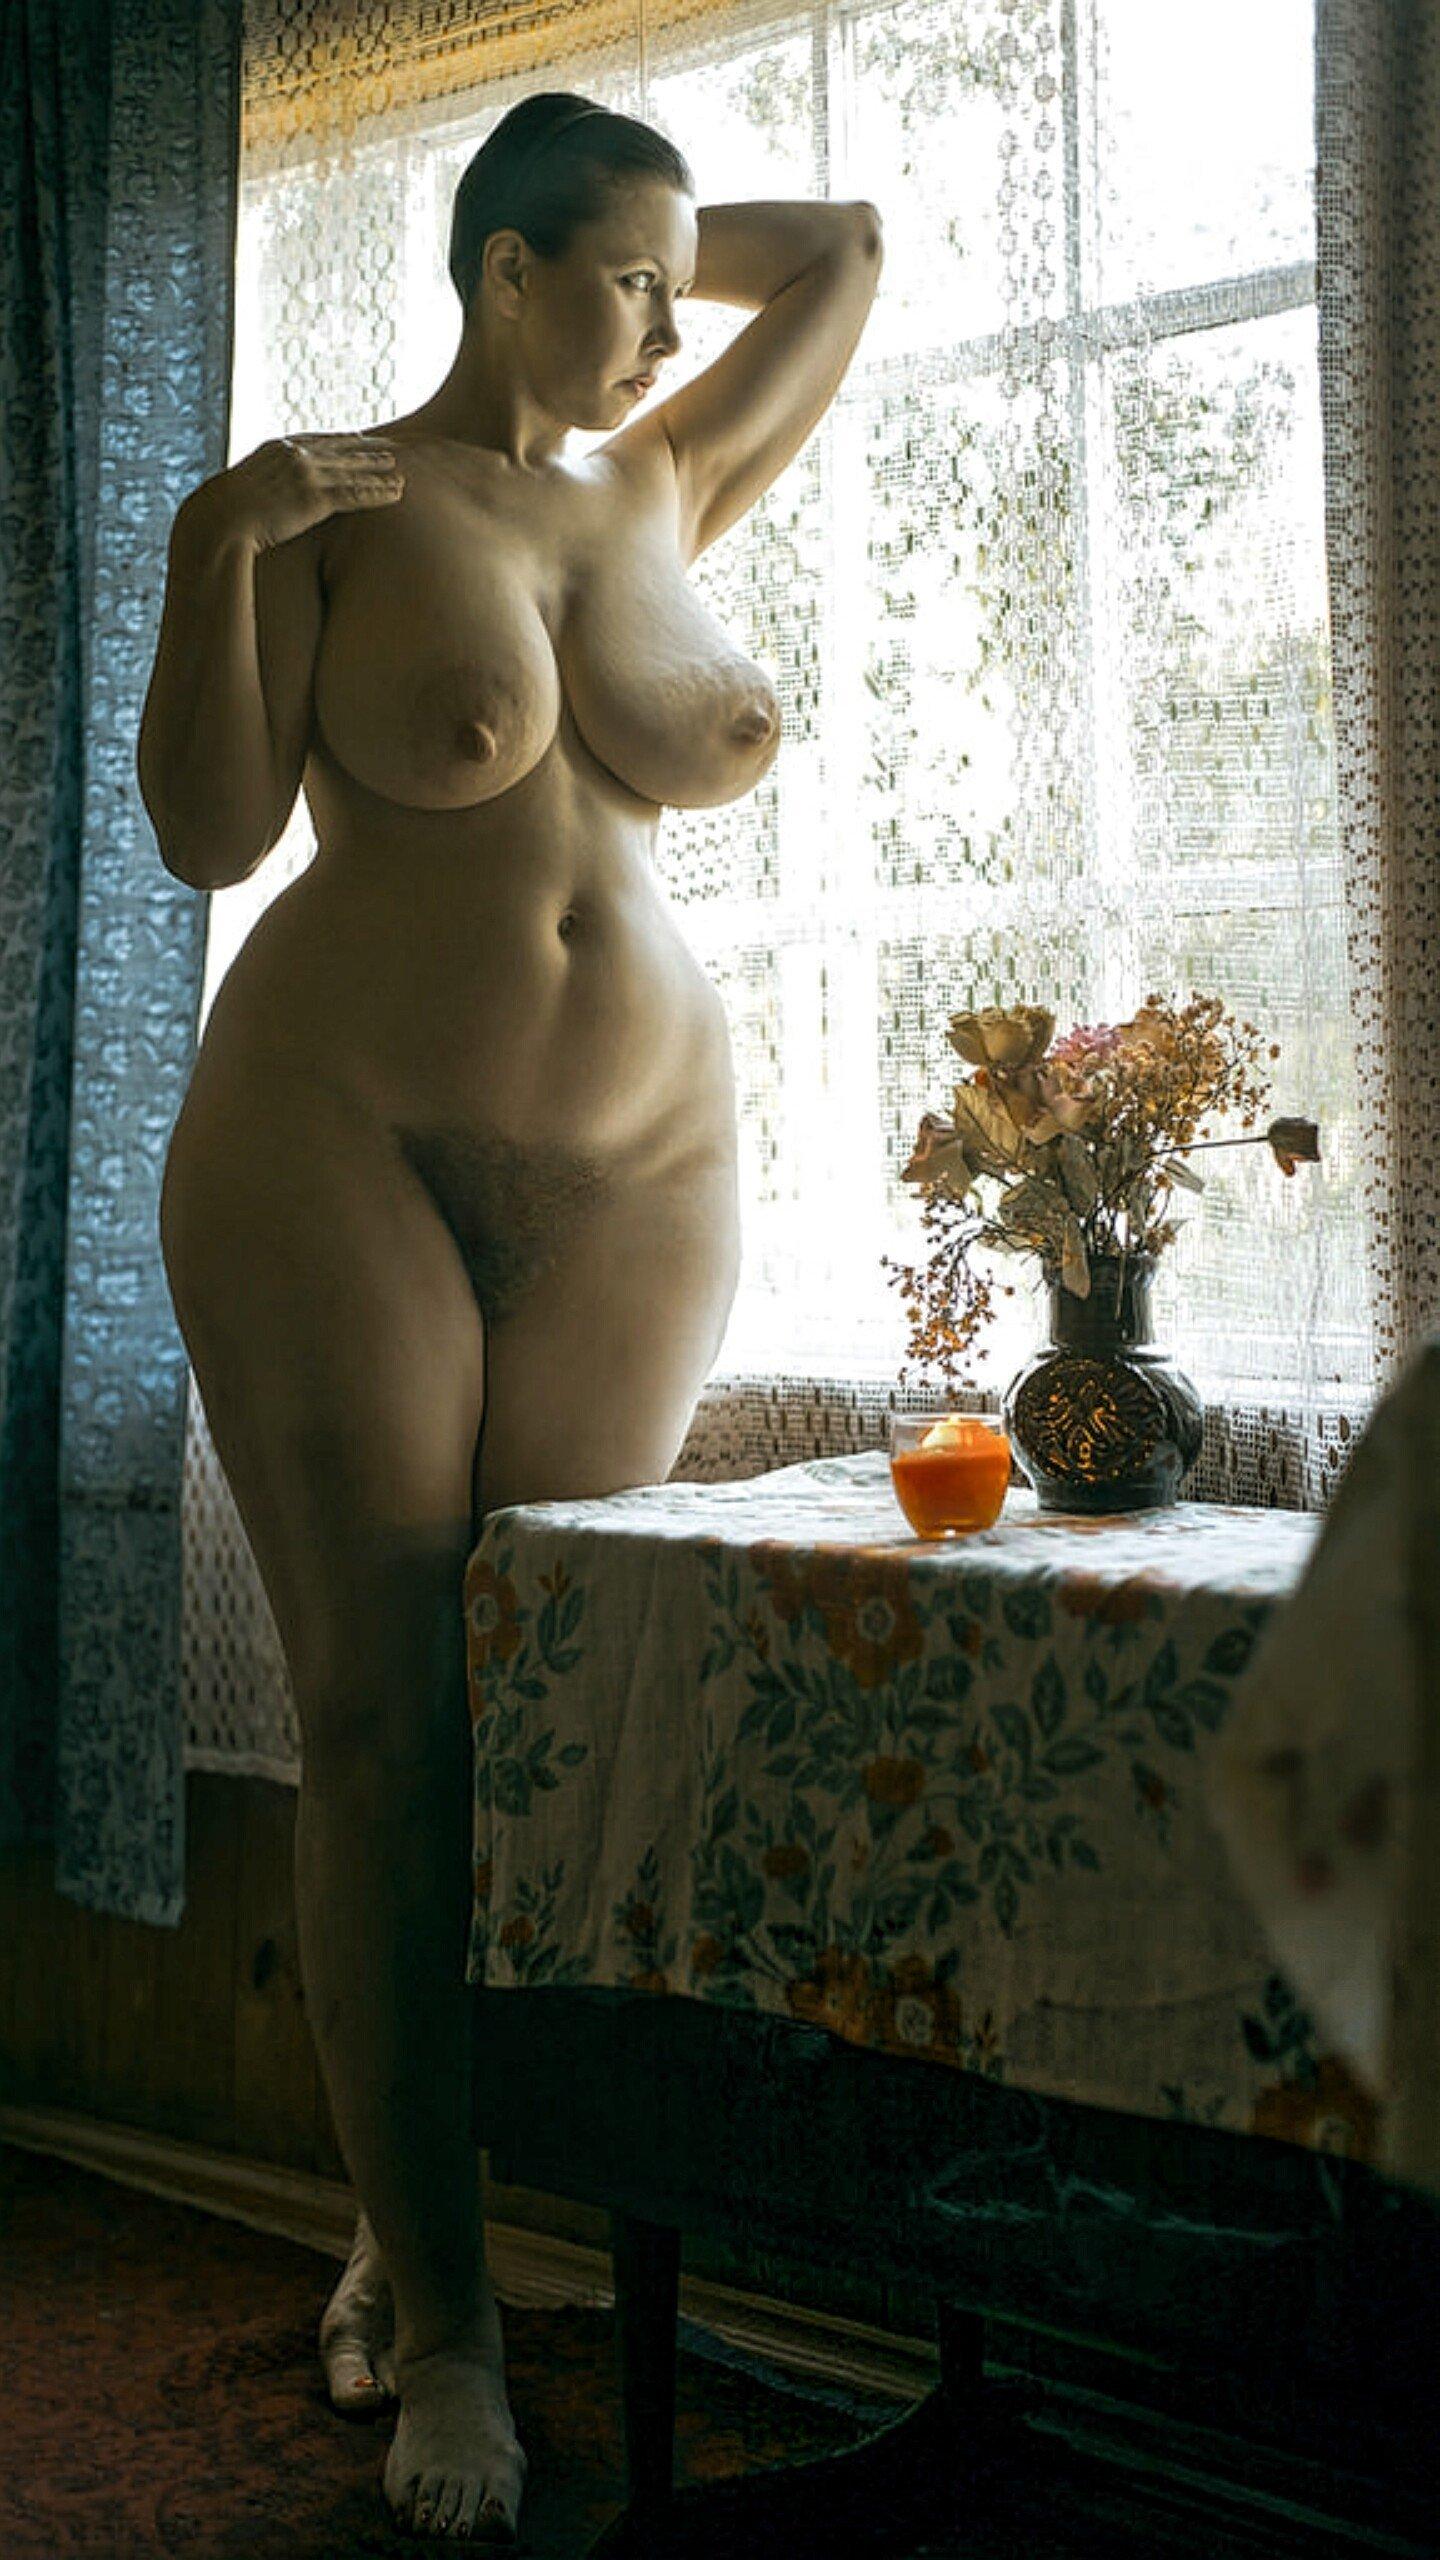 Разрешенные Фото Обнаженных Женщин С Широкими Бедрами